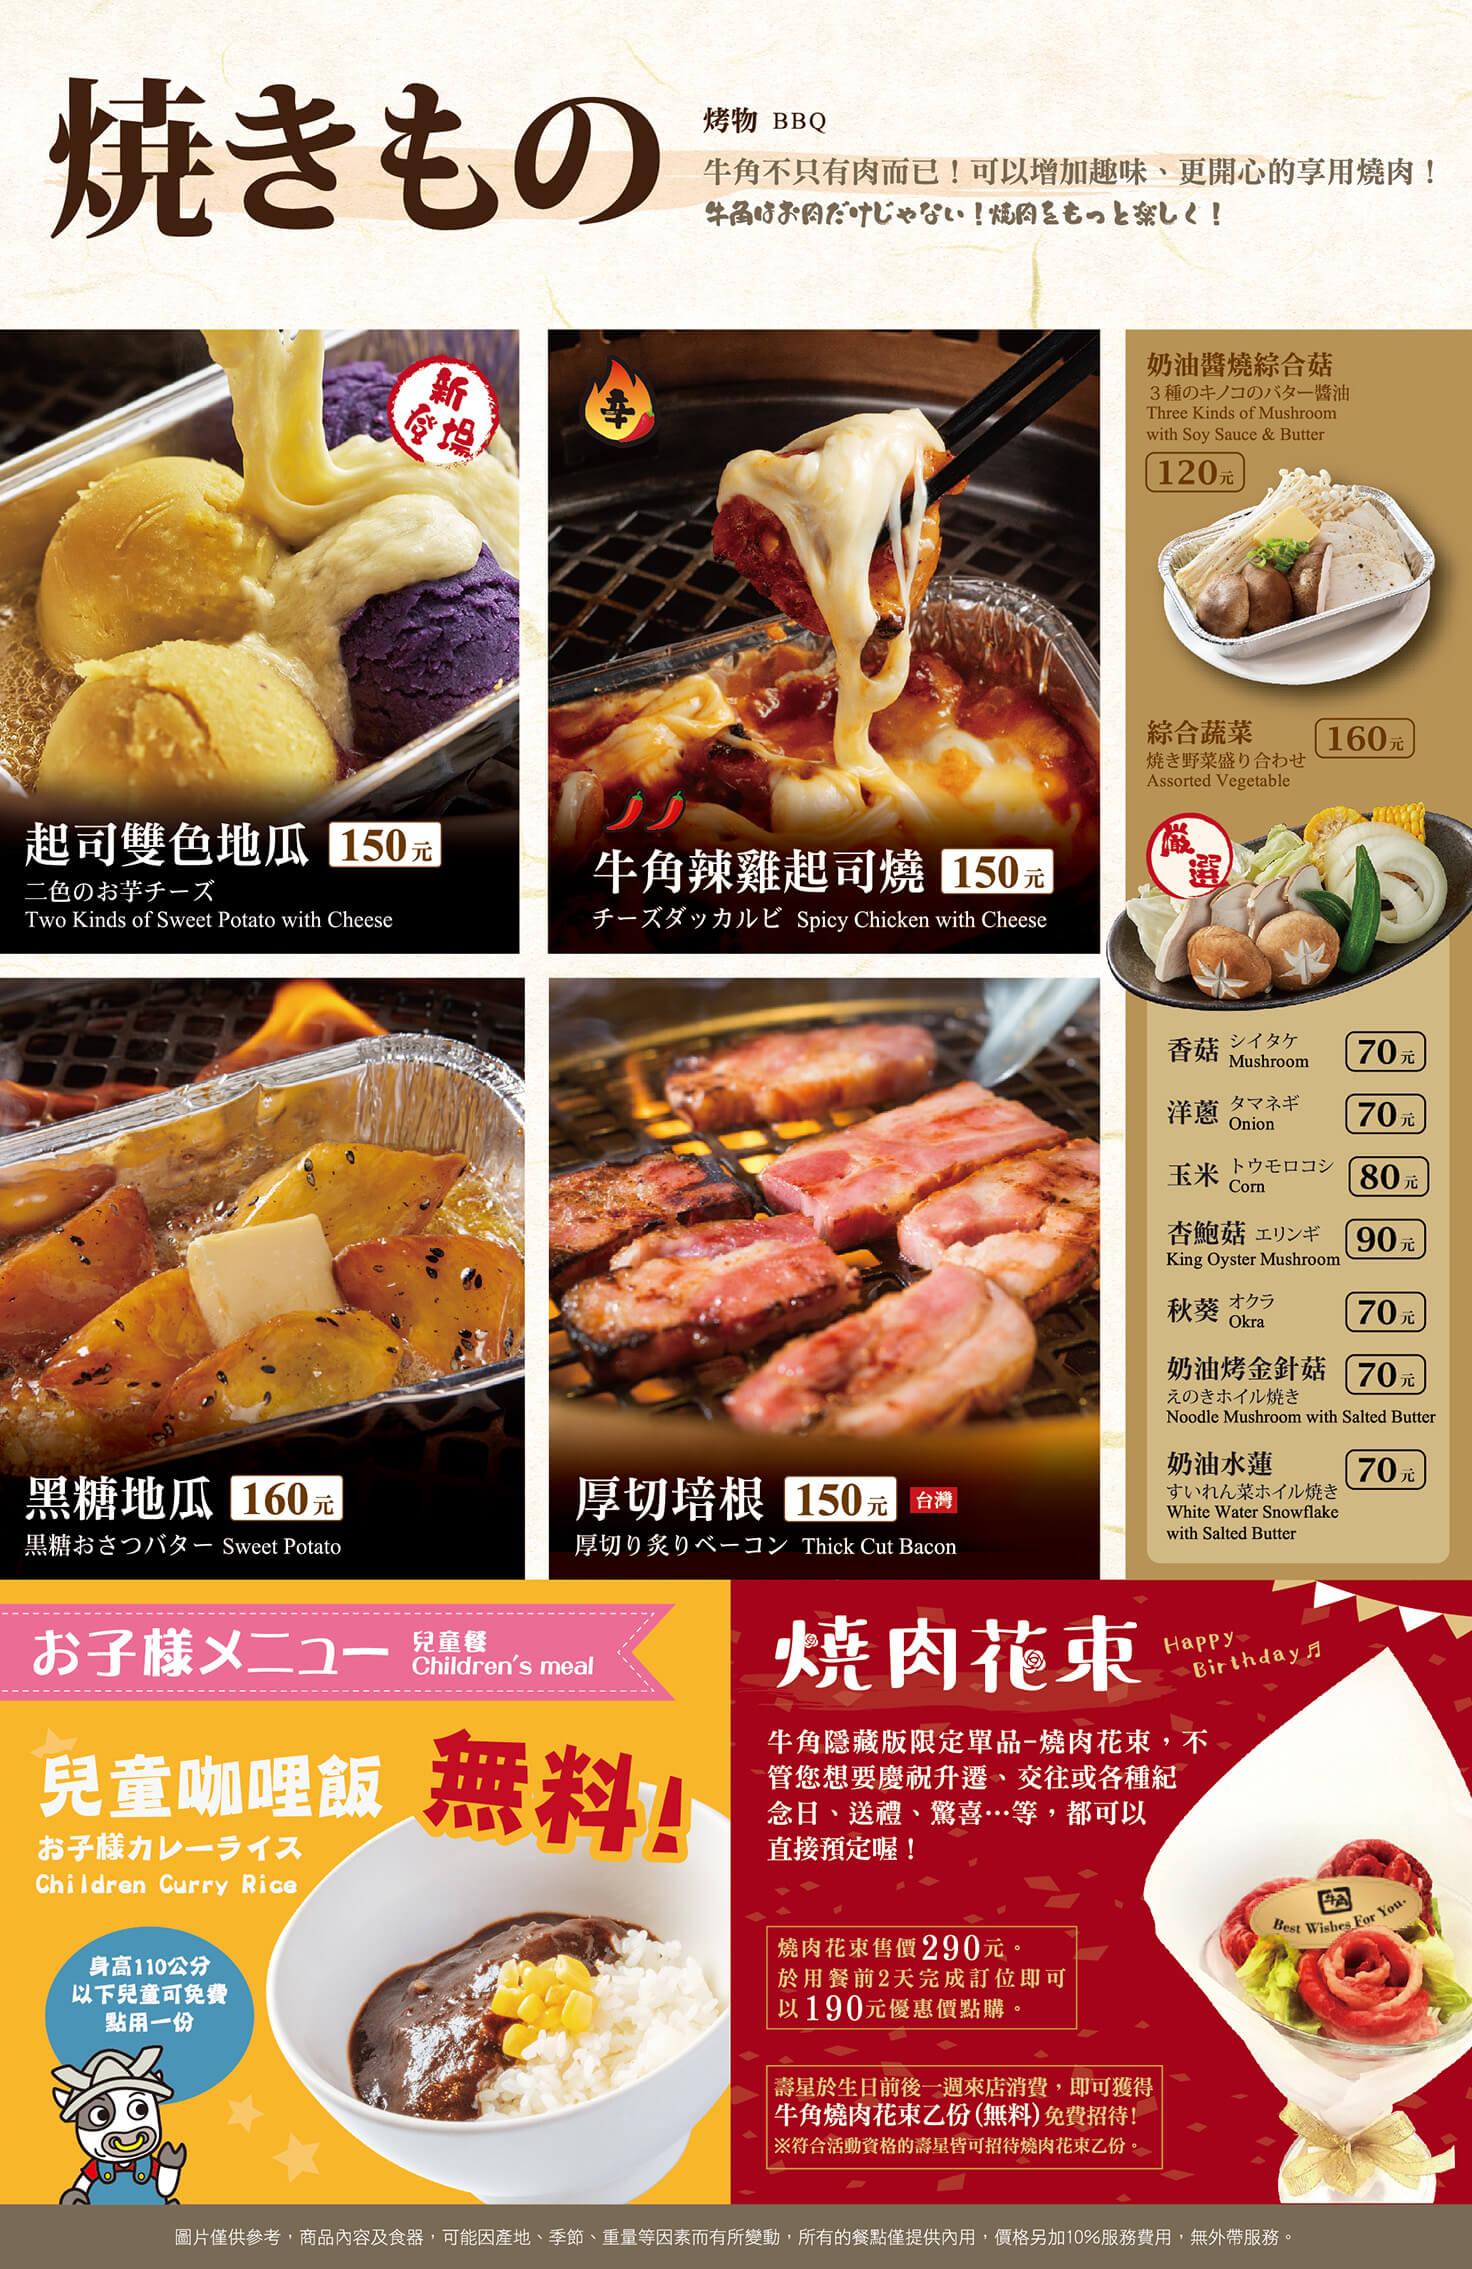 牛角菜單-飯類/麵類/湯品